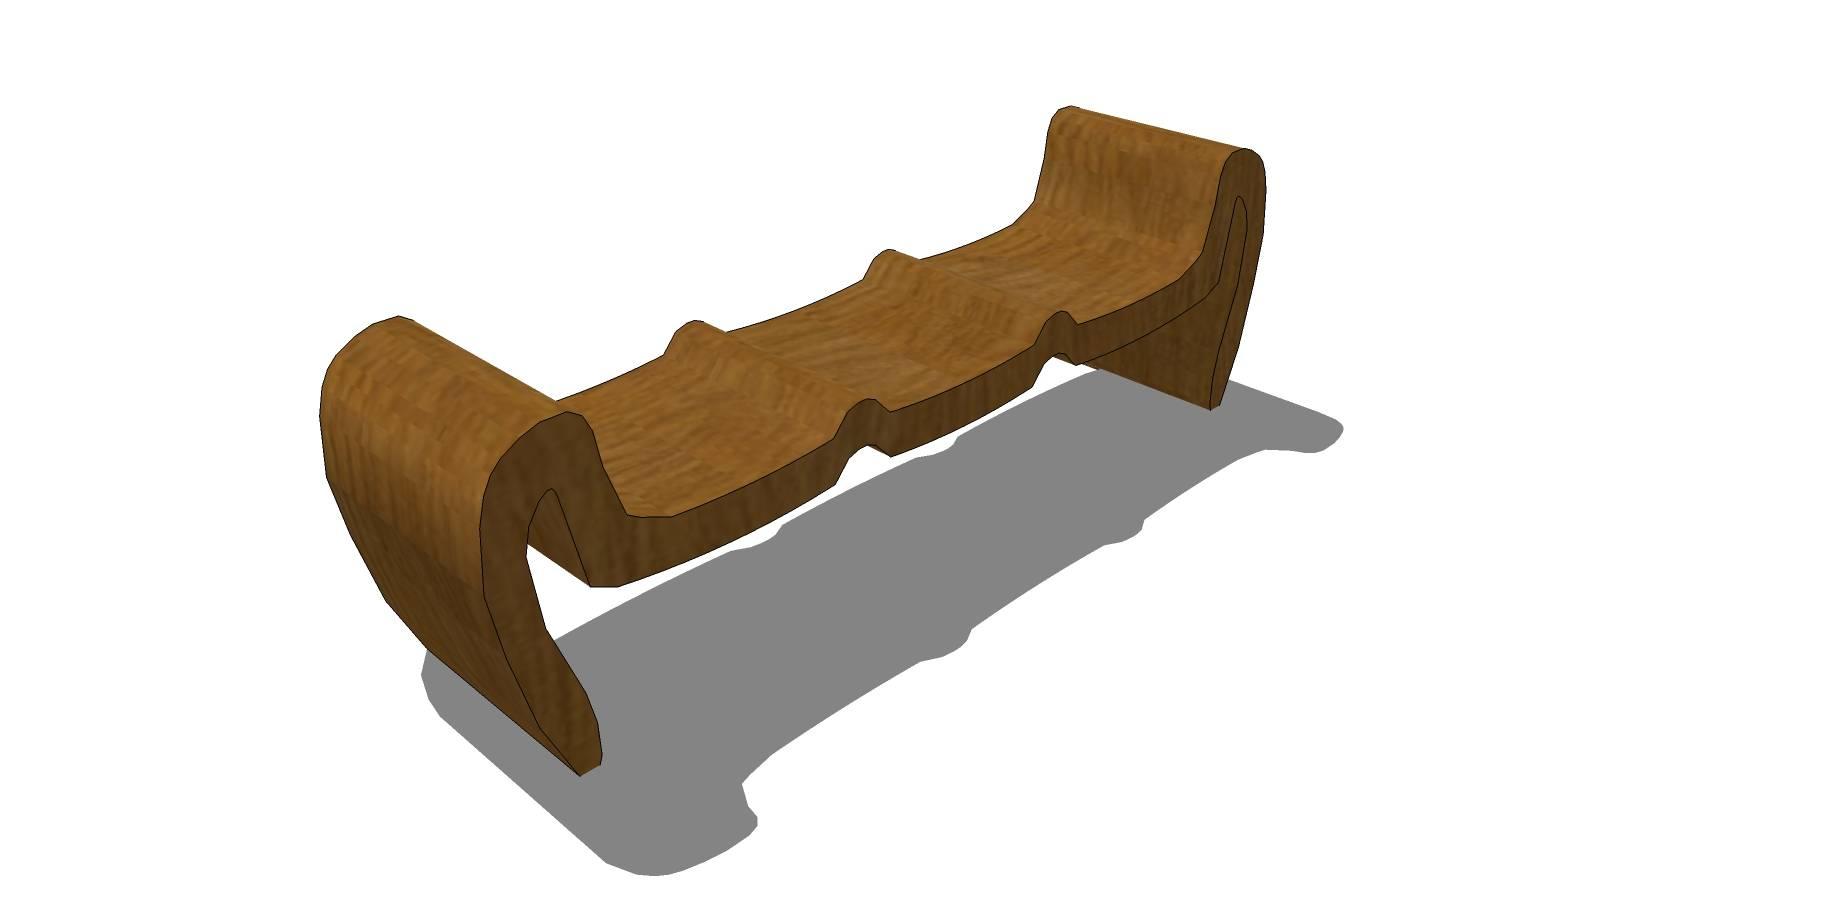 山形木质坐凳sketchup模型素材